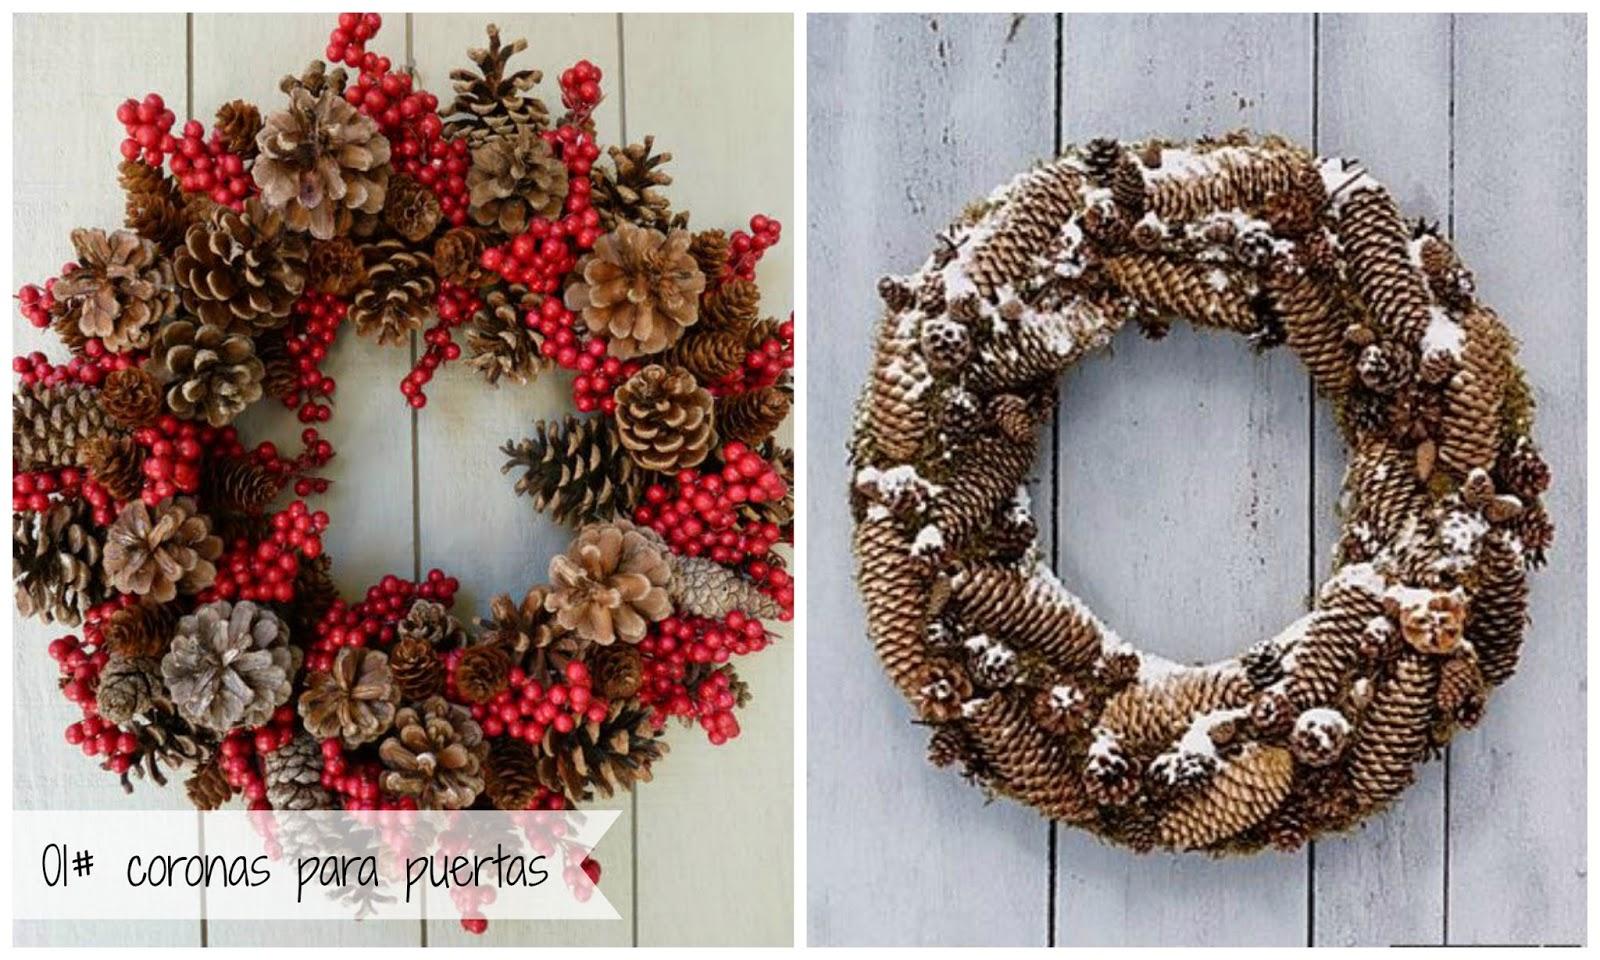 Buscando inspiracion 5 ideas para decorar con pi as esta - Adornos de navidad con pinas ...